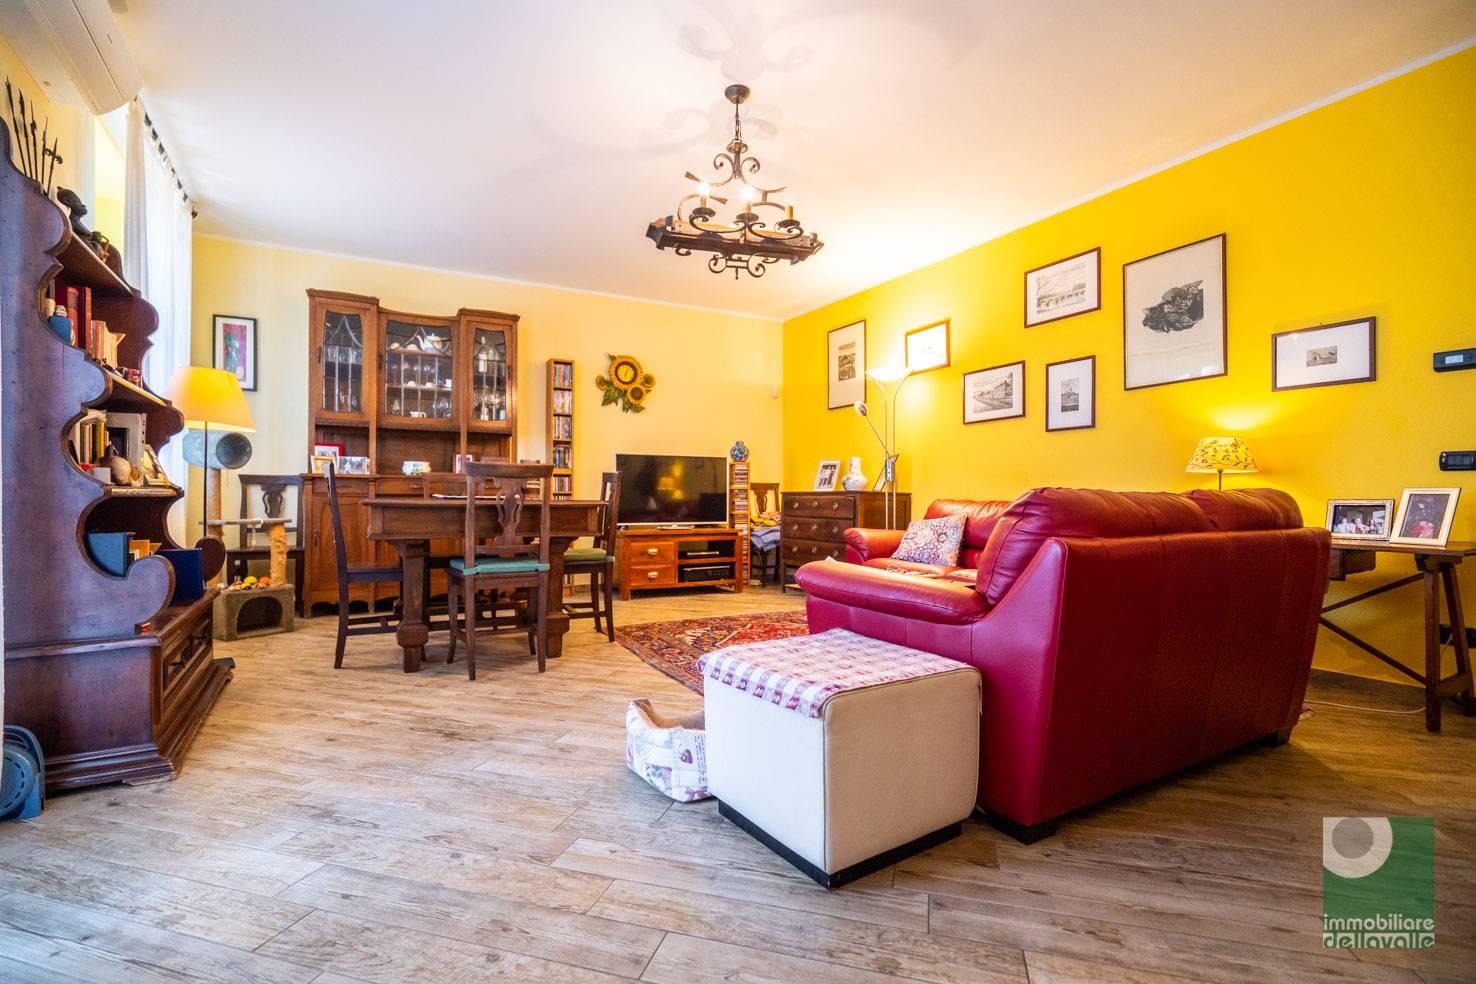 Appartamento in vendita a Oleggio, 3 locali, prezzo € 165.000 | CambioCasa.it